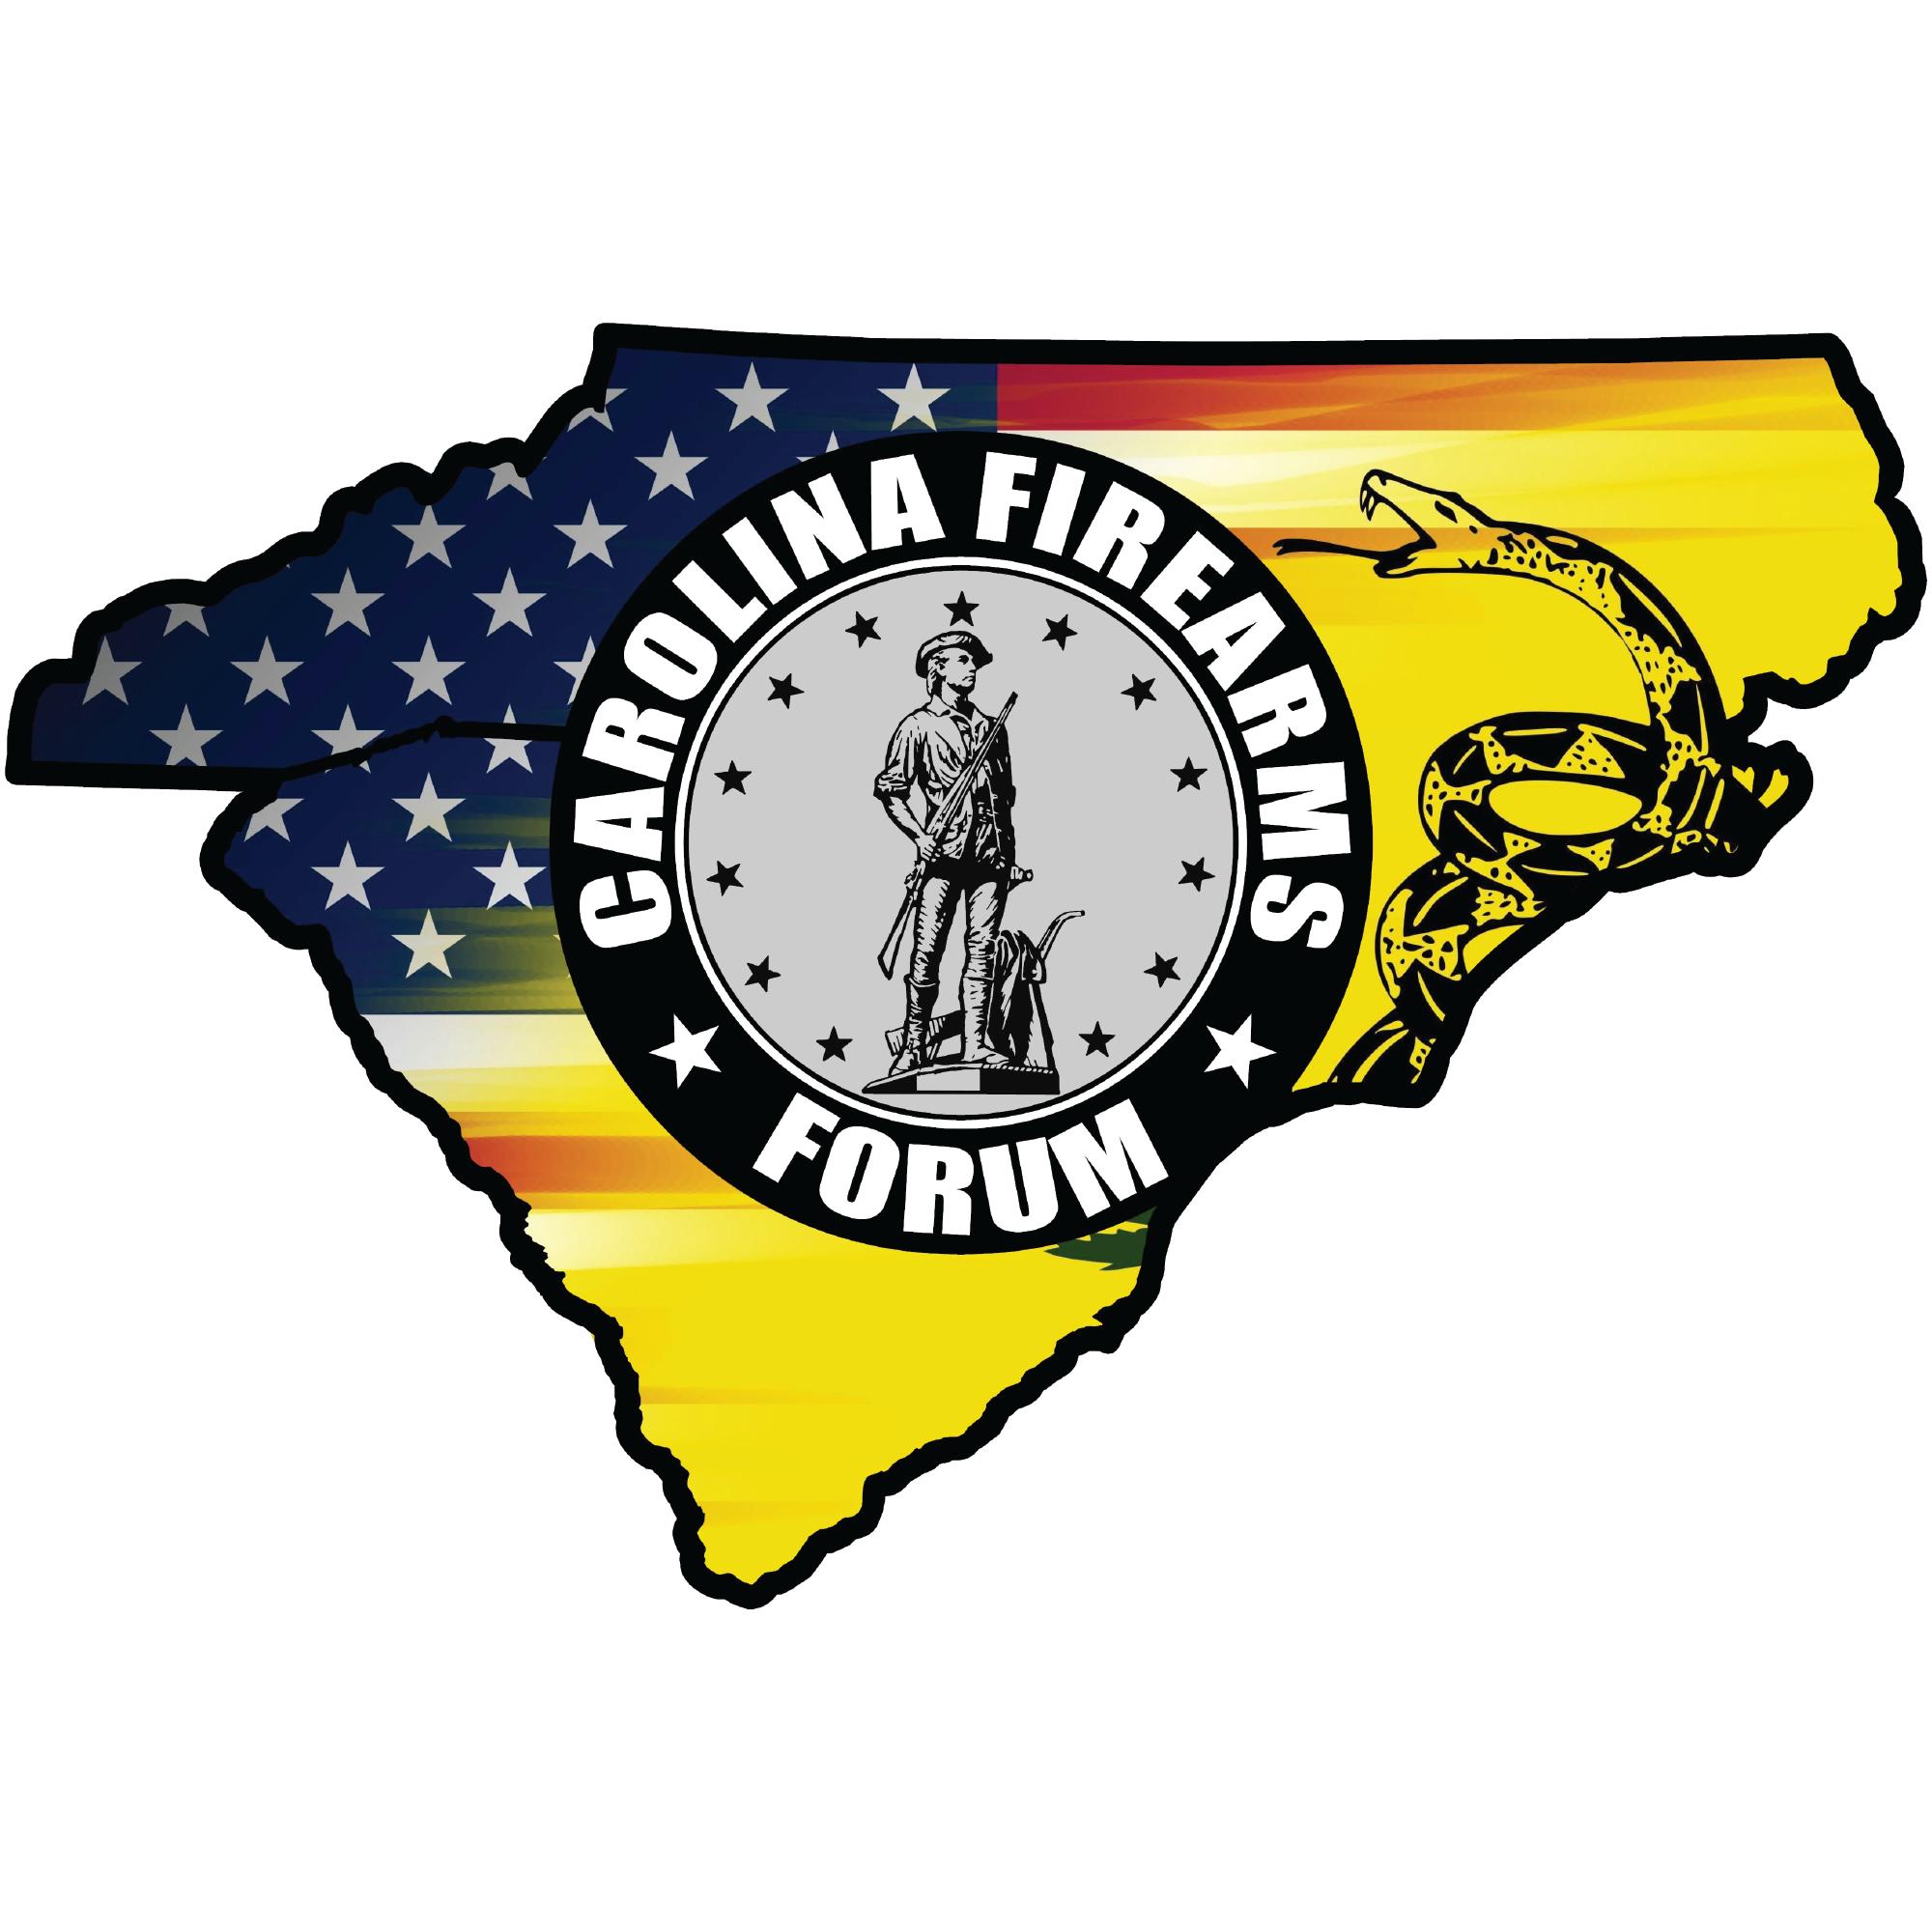 Carolina Firearms Forum